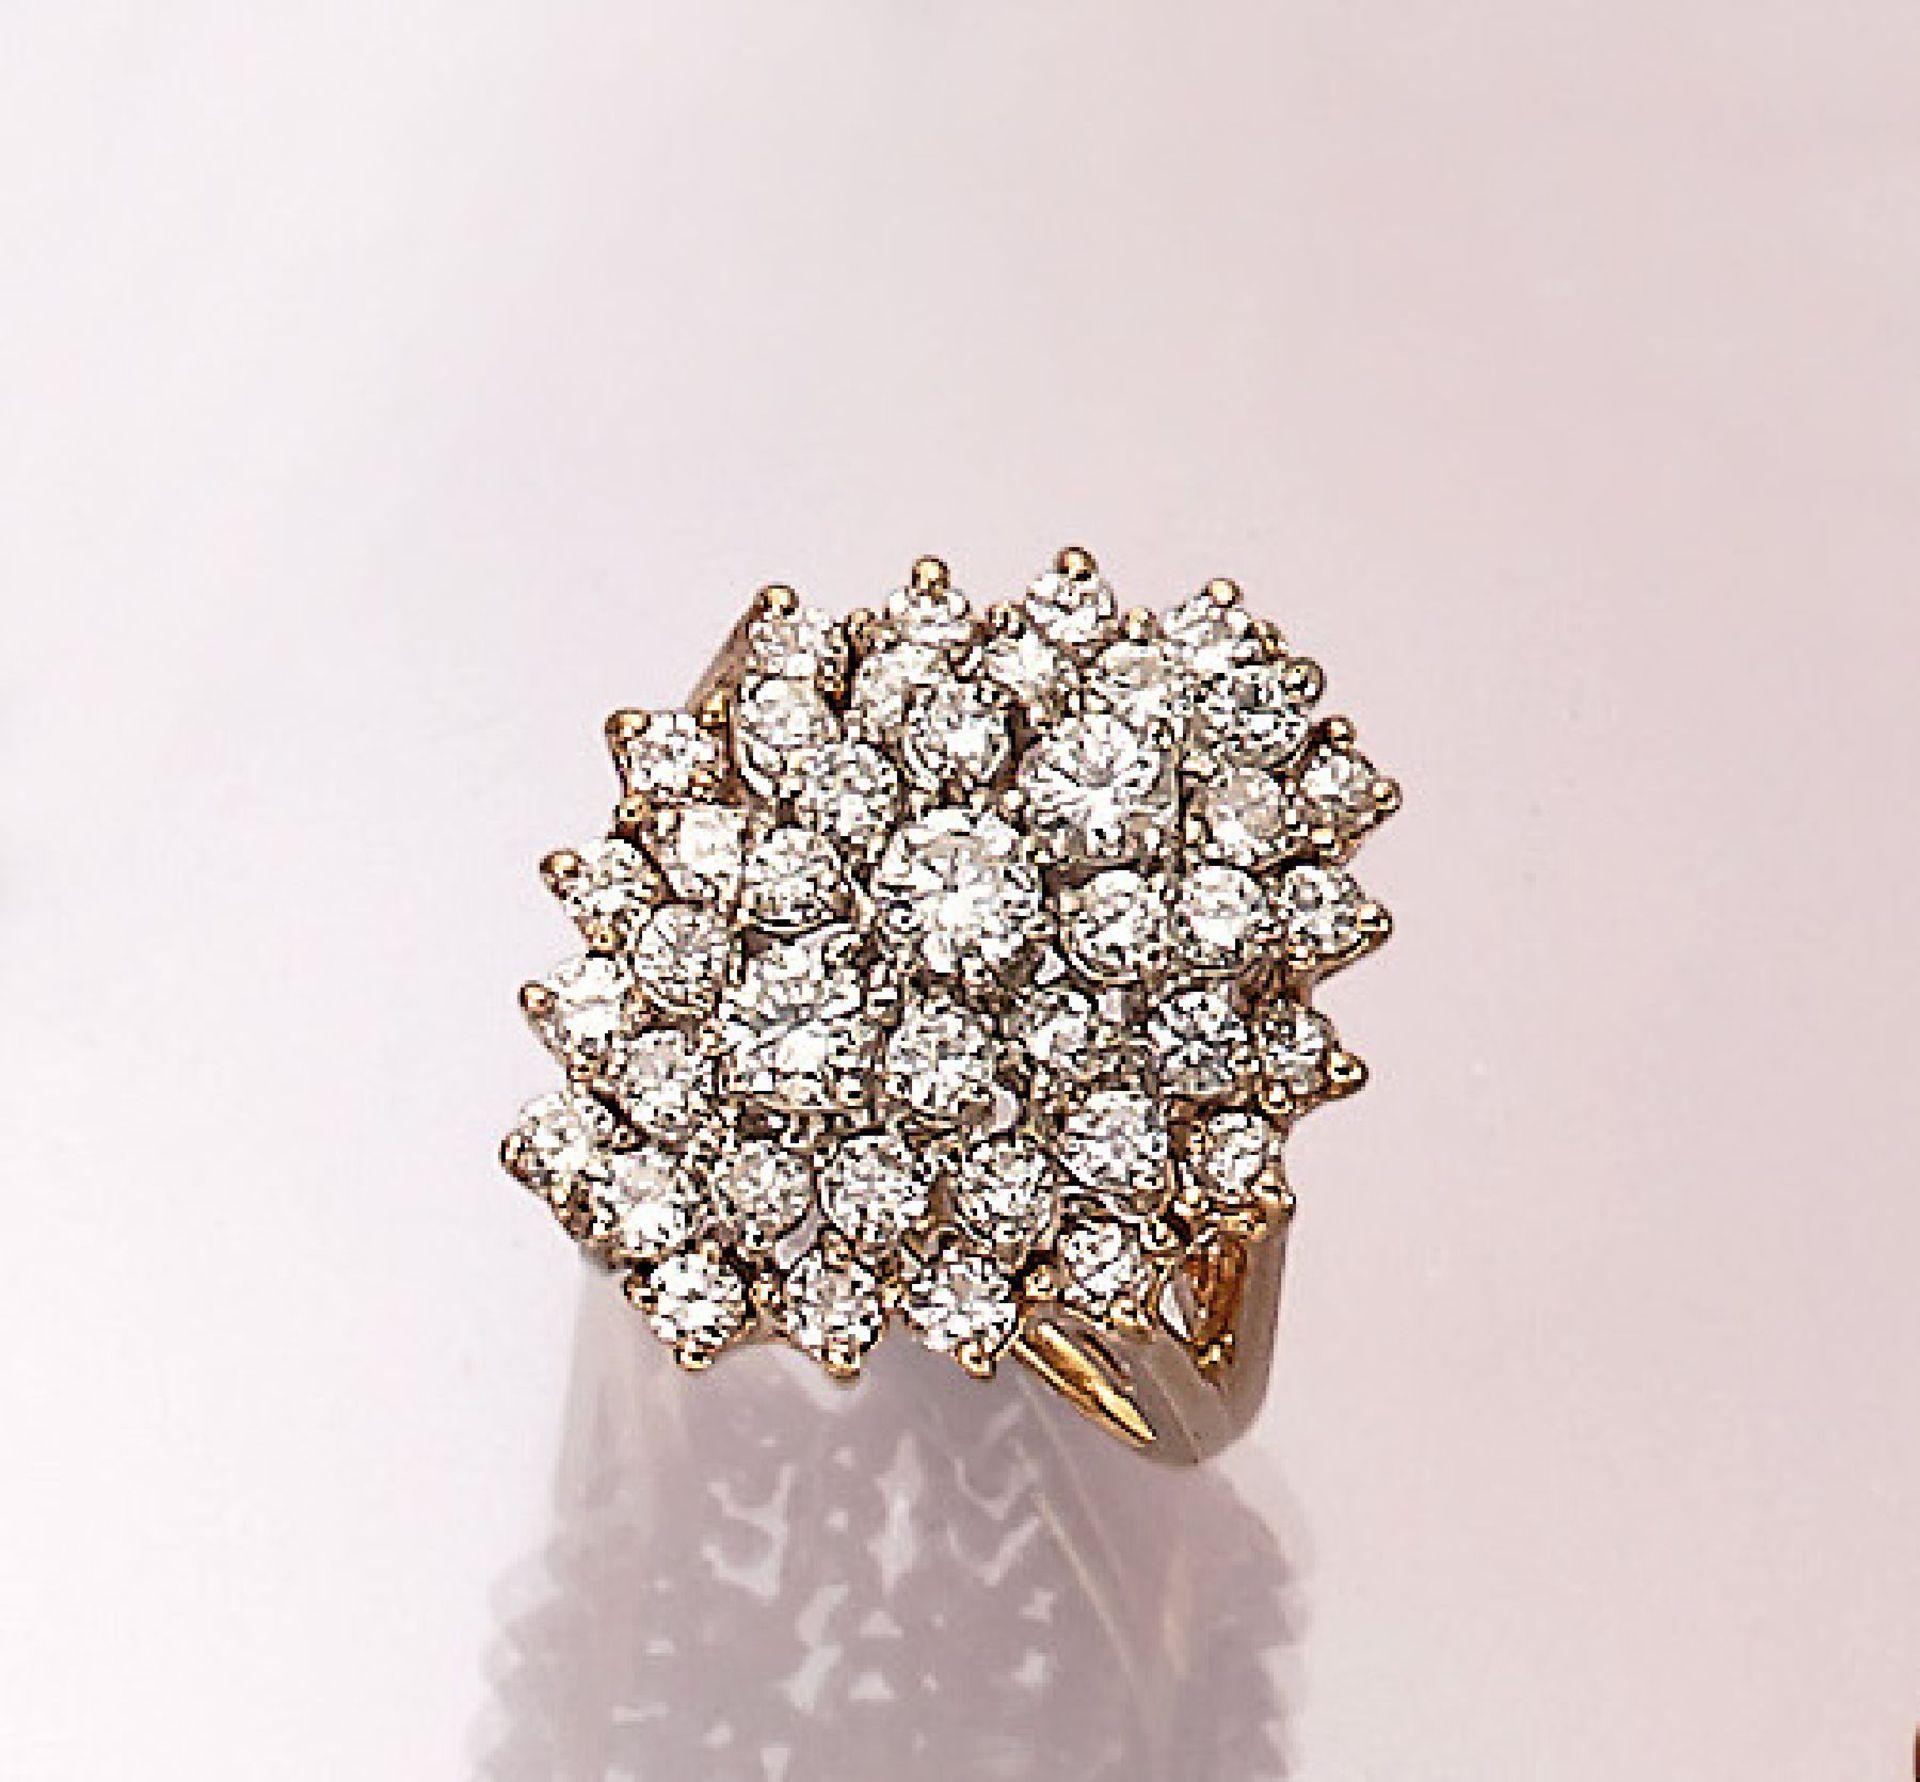 14 kt Gold Ring mit Brillanten, GG 585/000,41 Brillanten zus. ca. 2.0 ct Weiß-get.Weiß/ si-p,